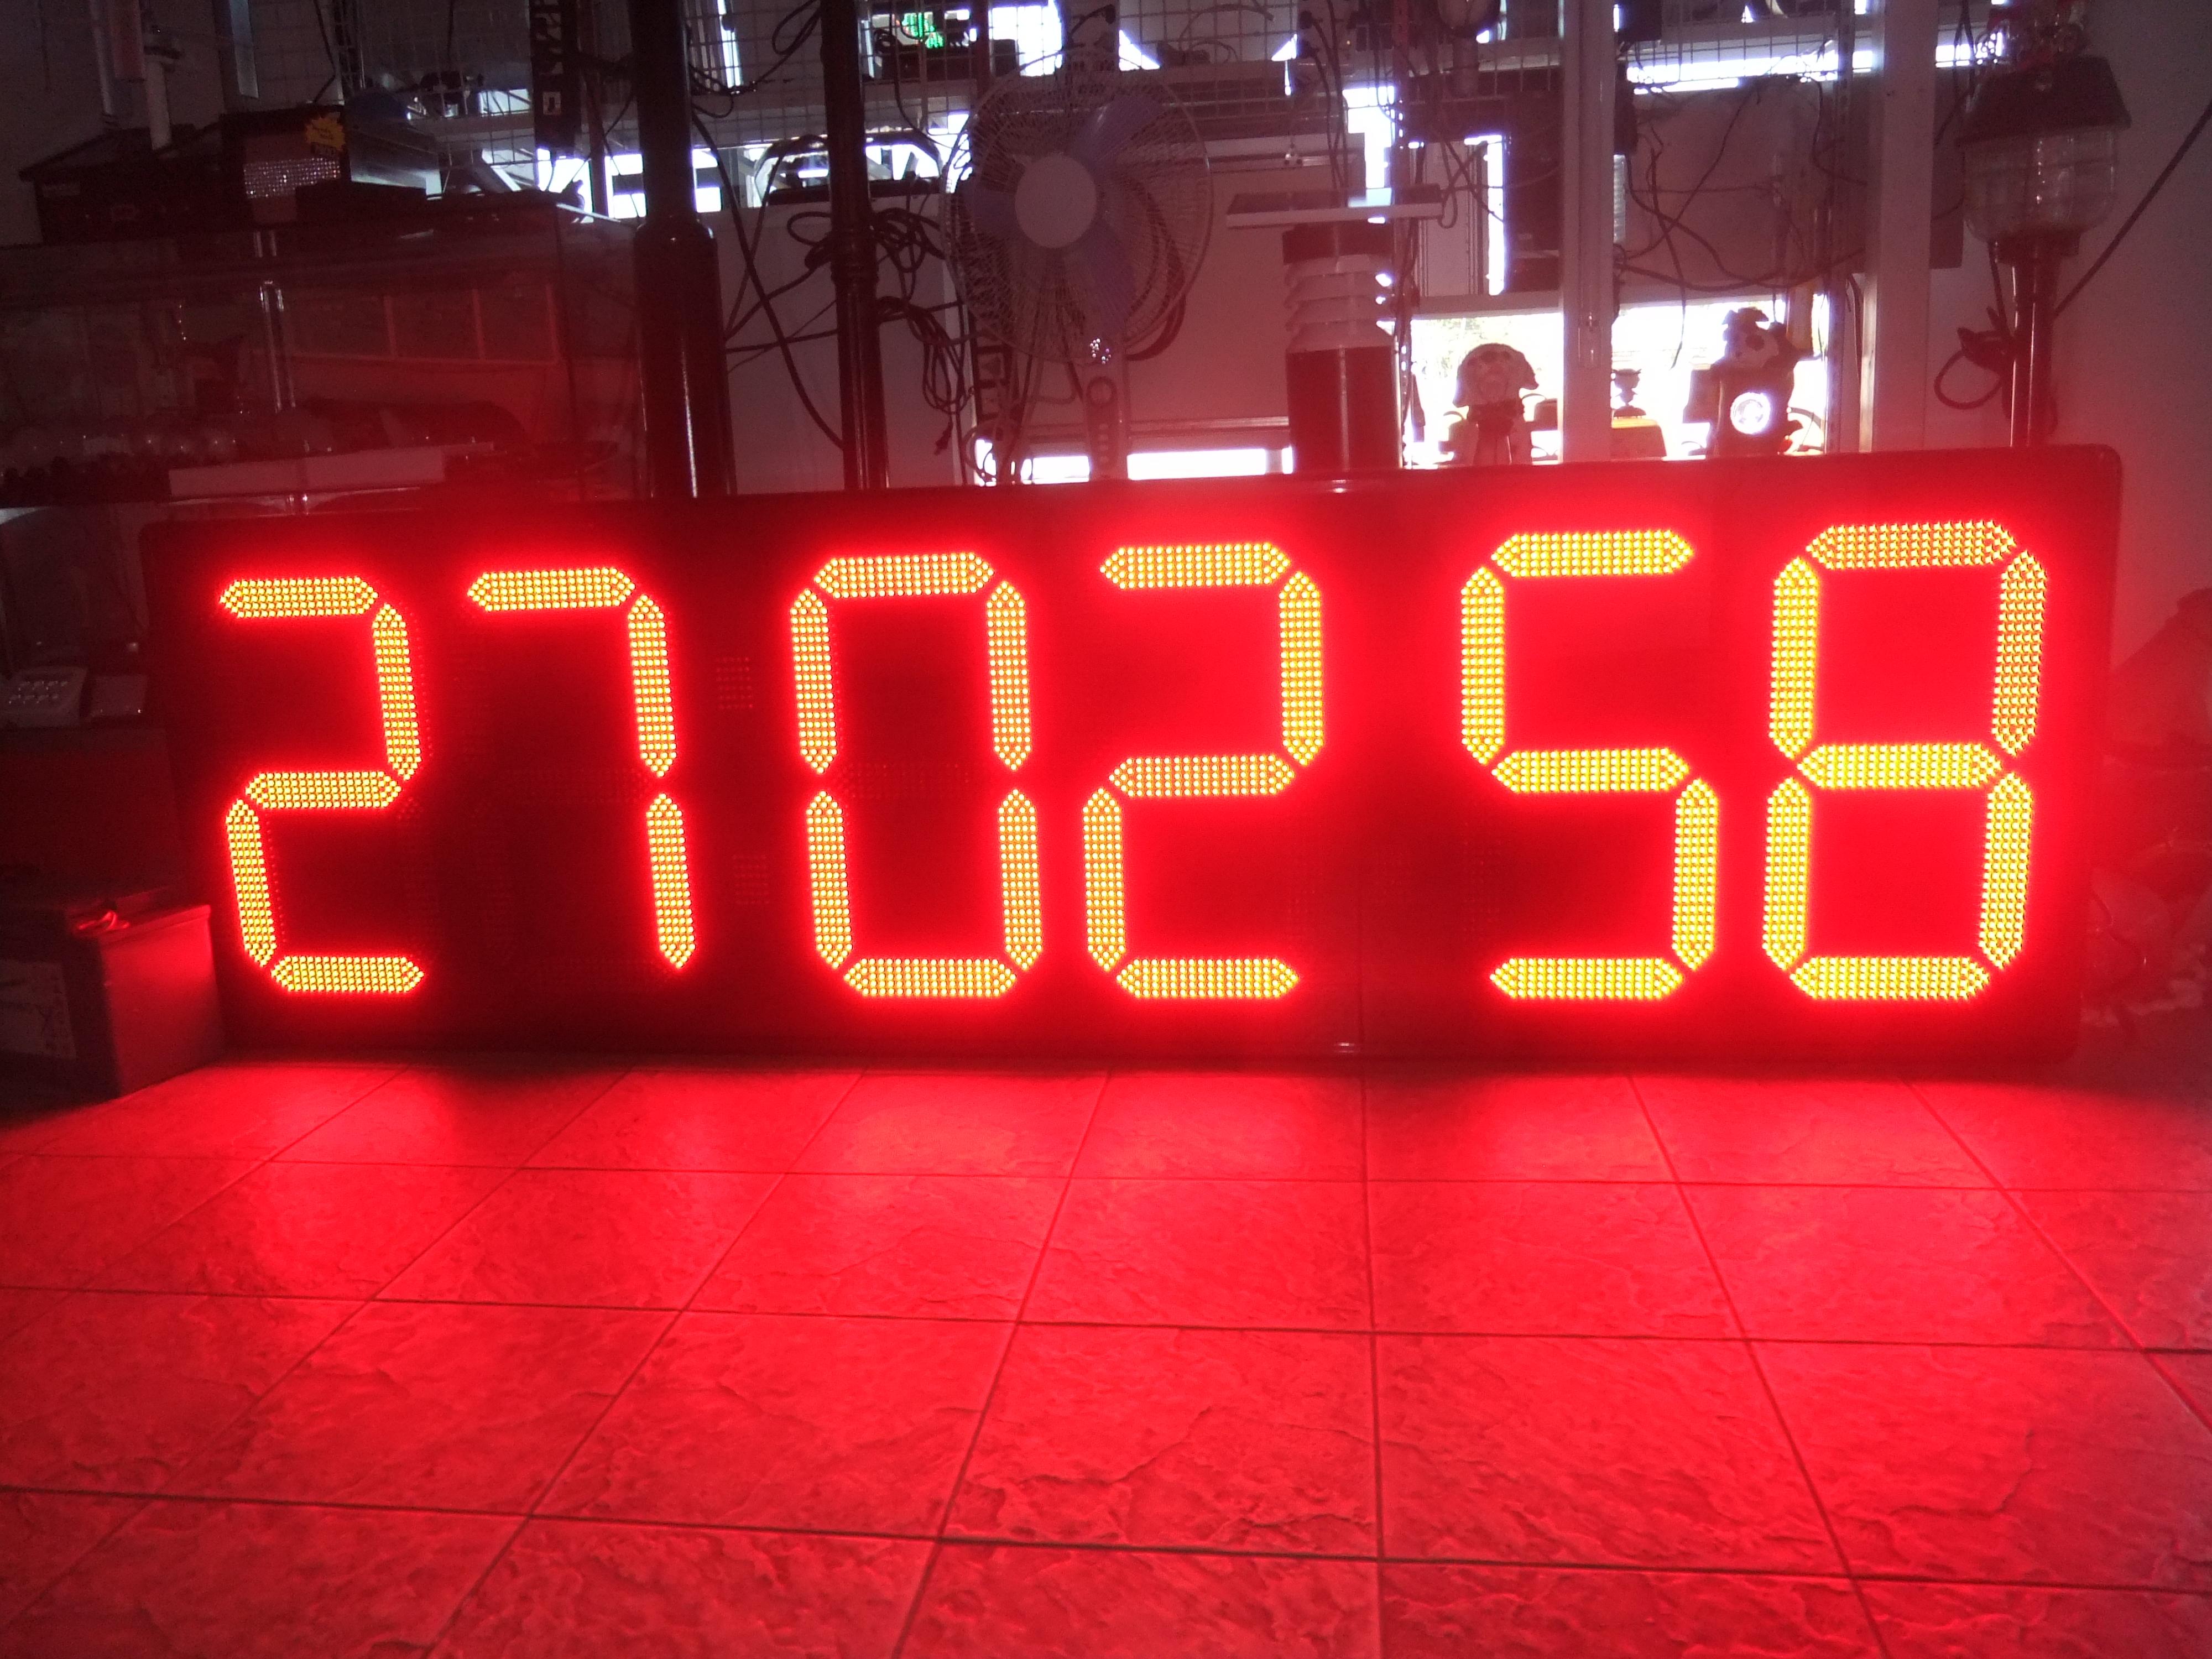 นาฬิกาดิจิตอลLED 20นิ้ว 6หลัก